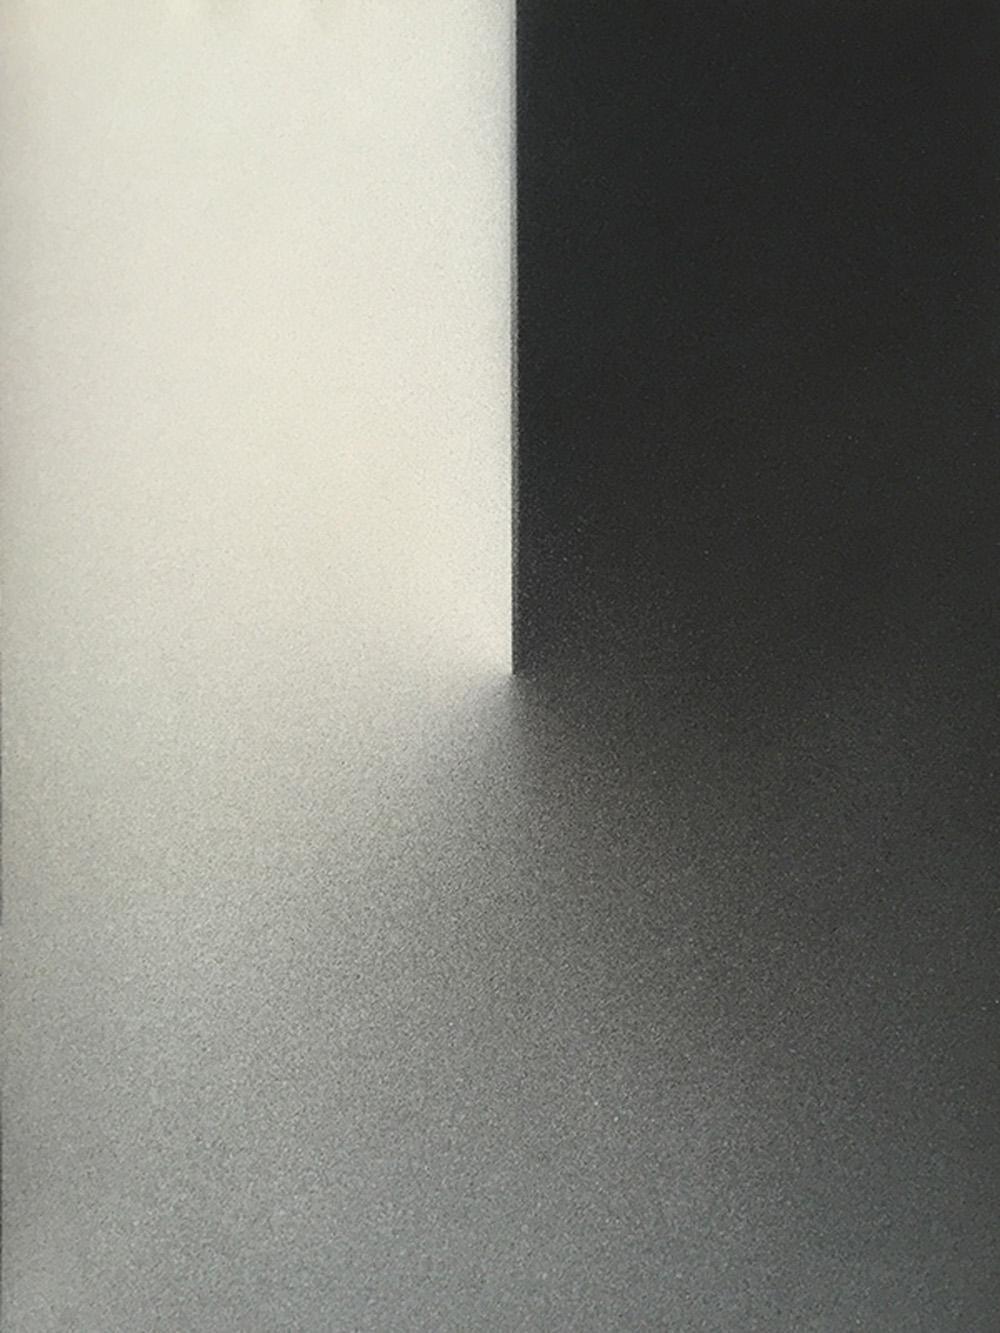 Senza titolo, 2016, tempera e inchiostro su carta montata su tela, cm 50x37,7